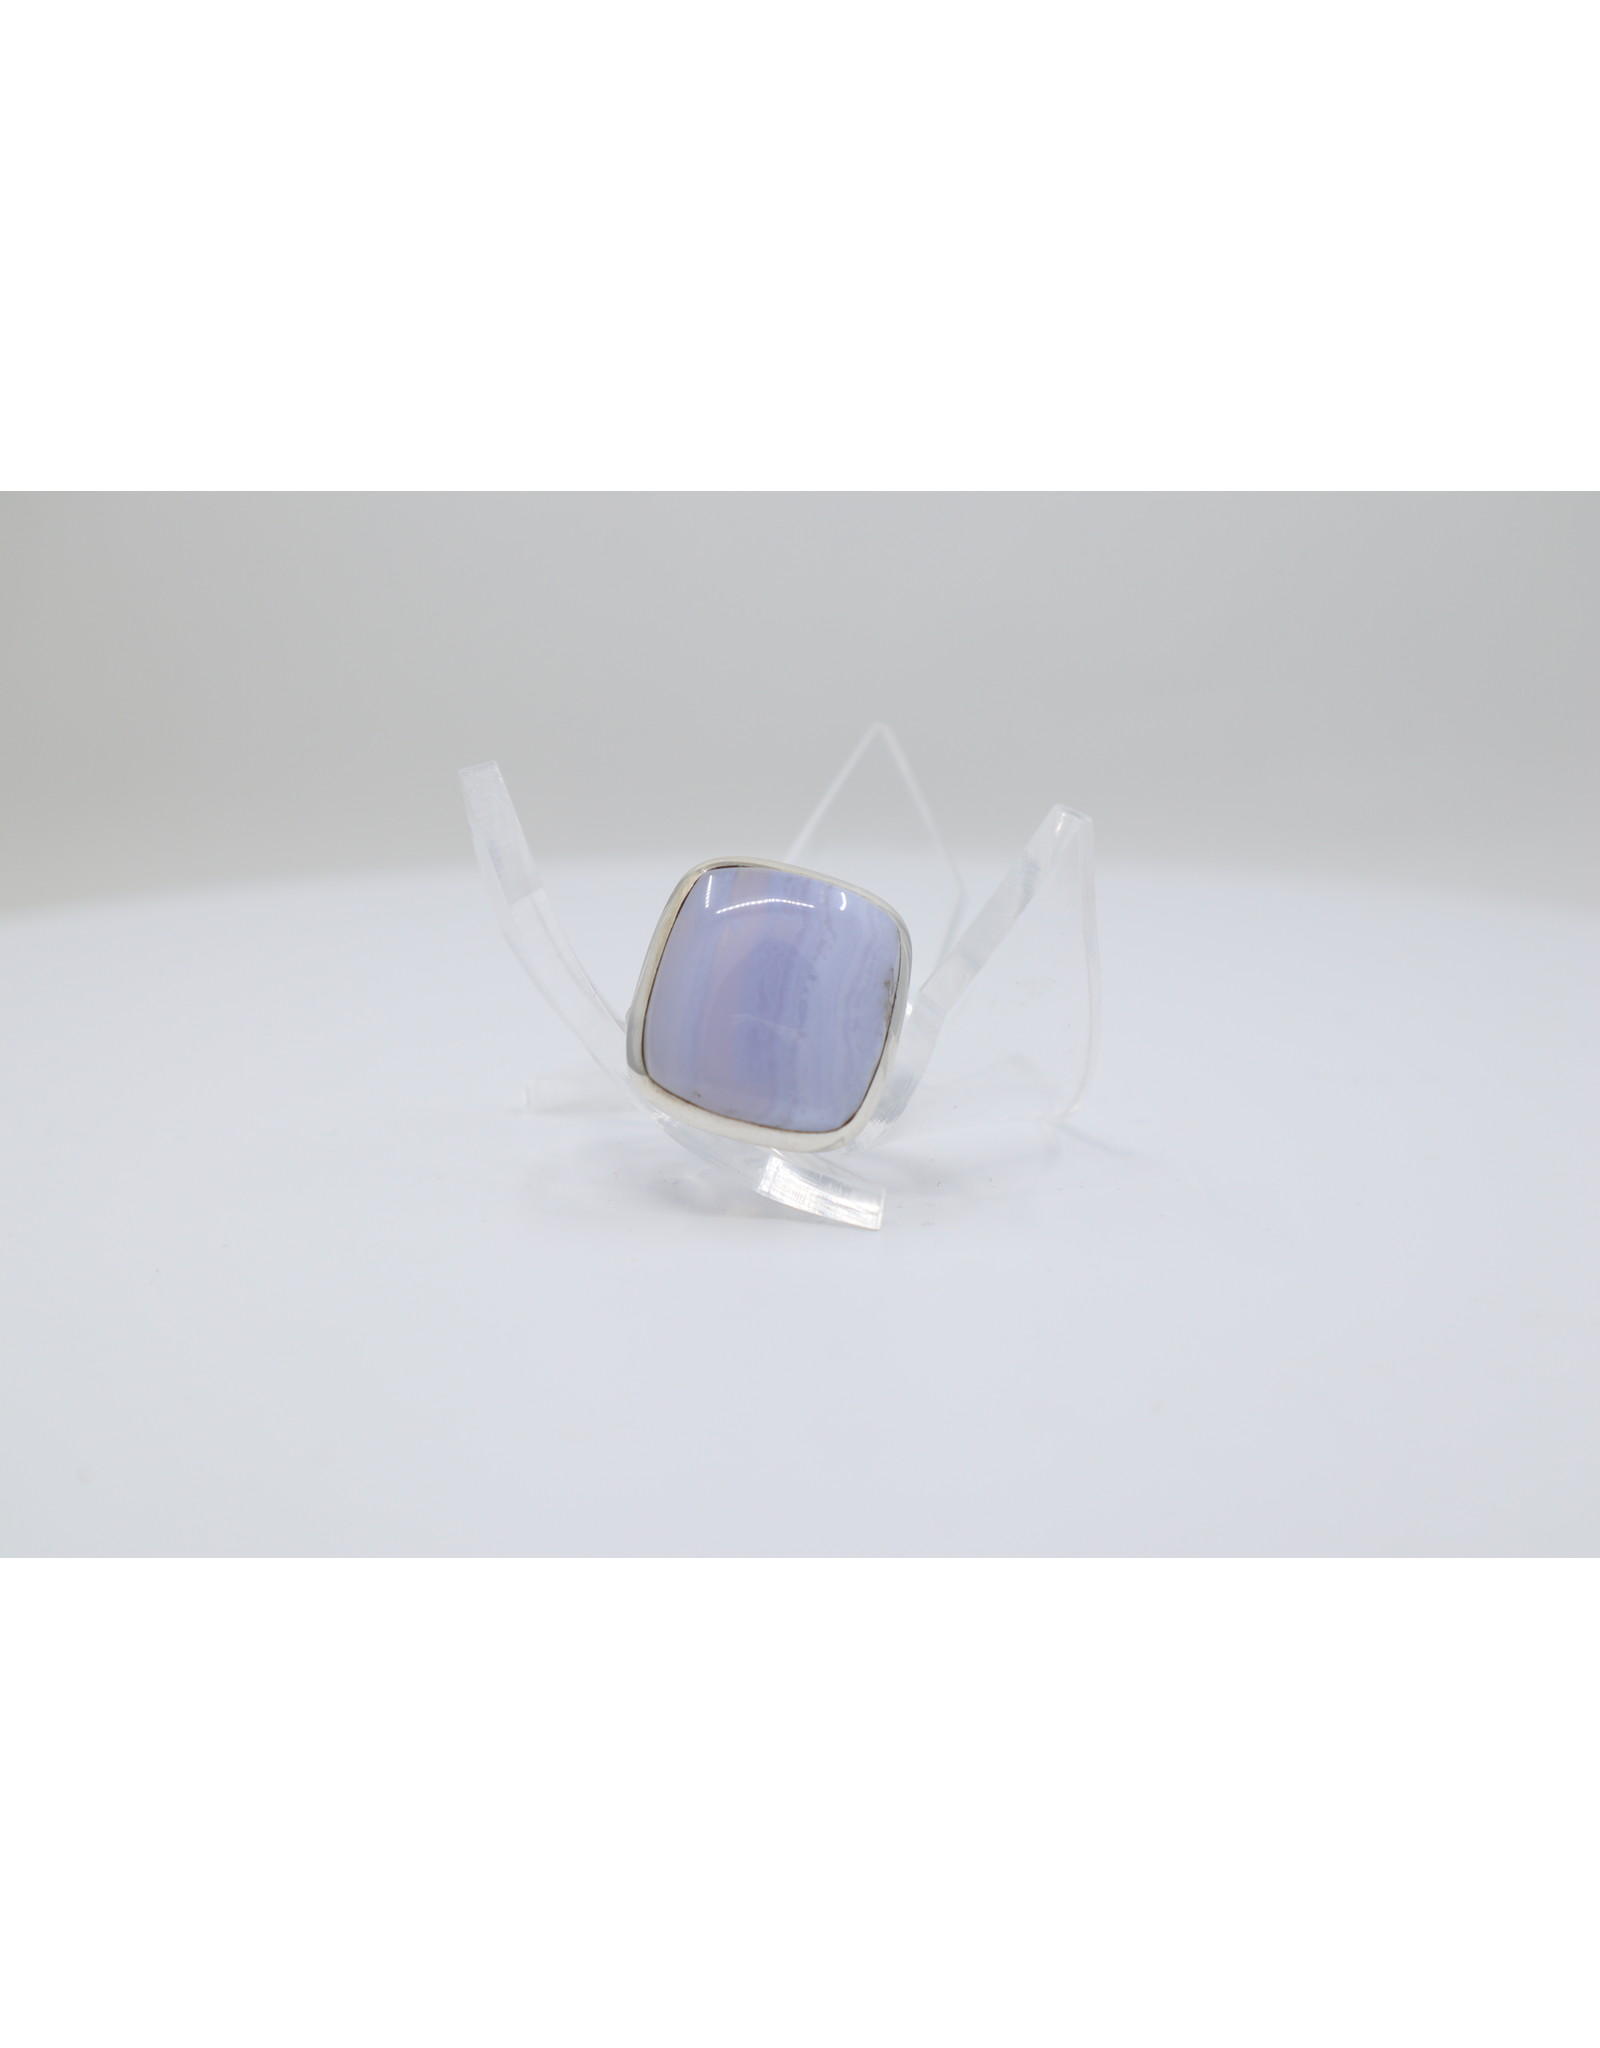 Blue Lace Square - 6